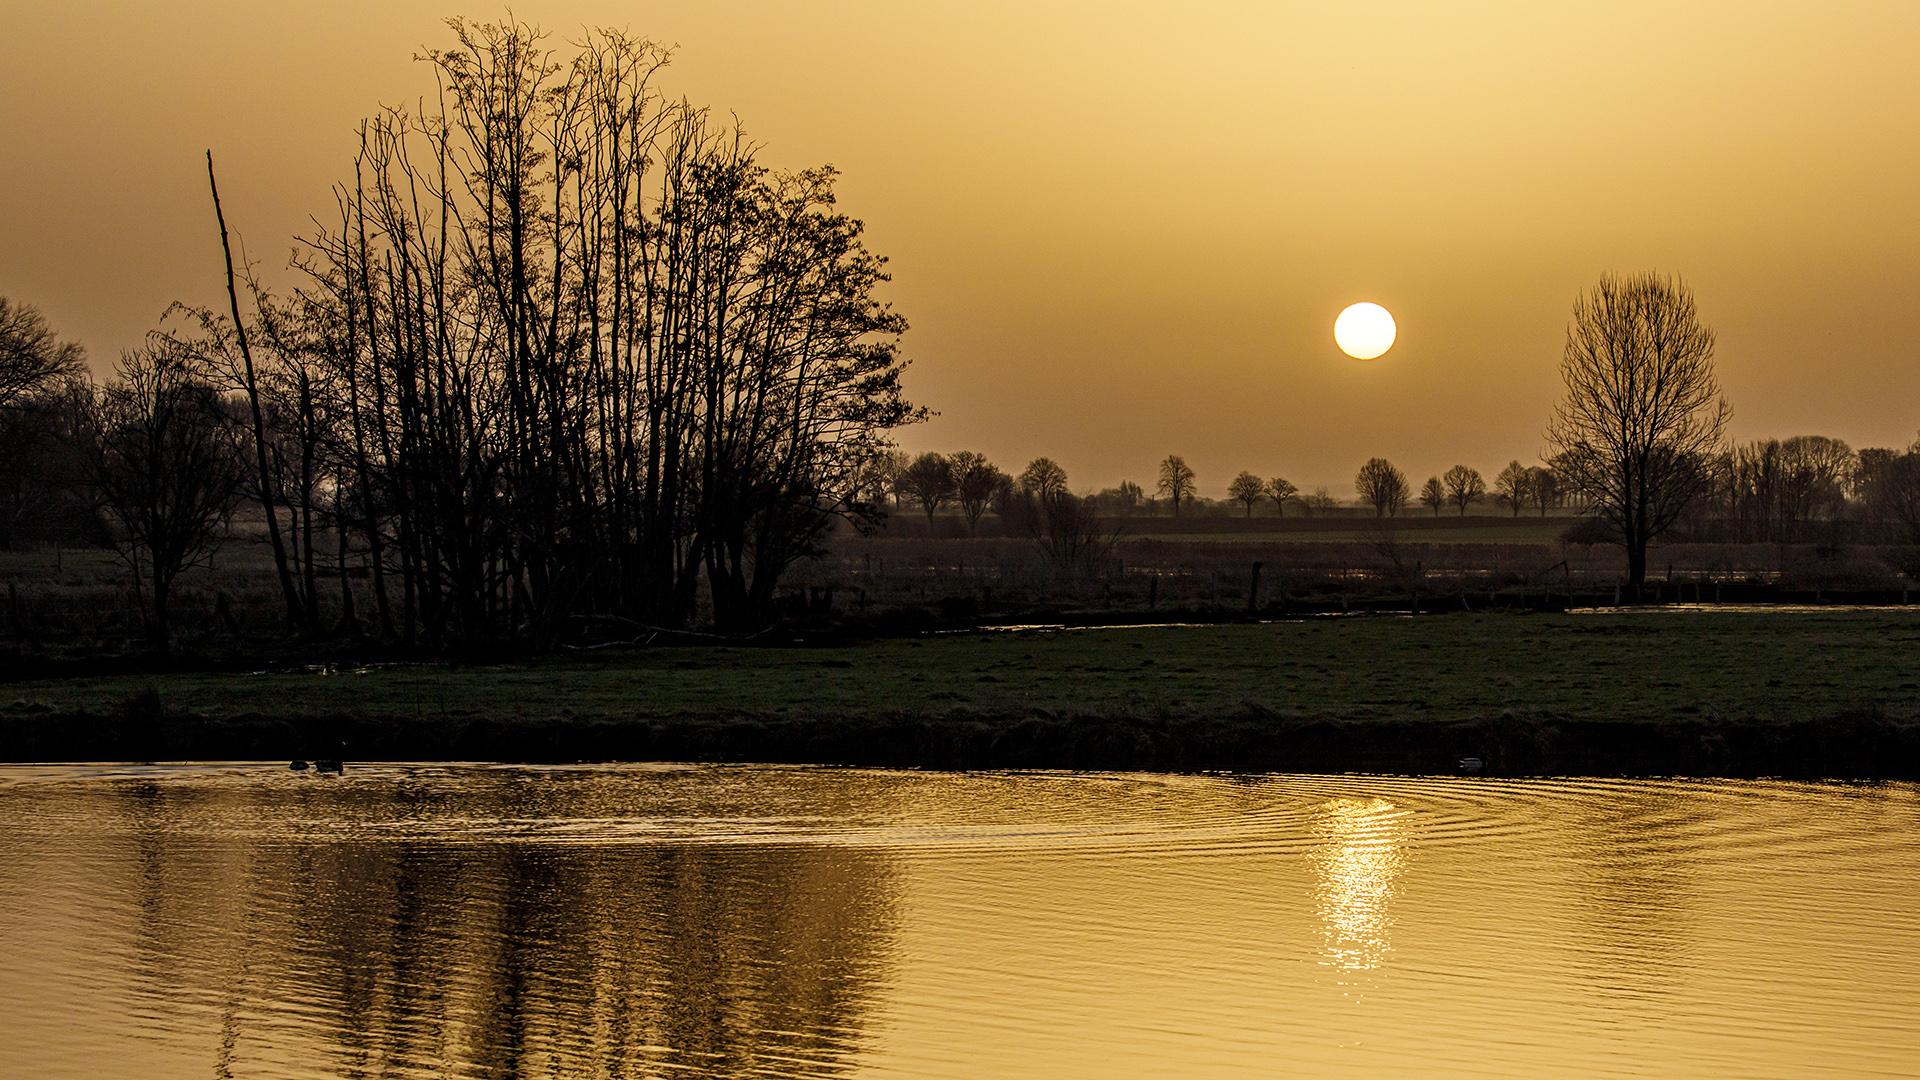 Spiegeltag - Saharasonne